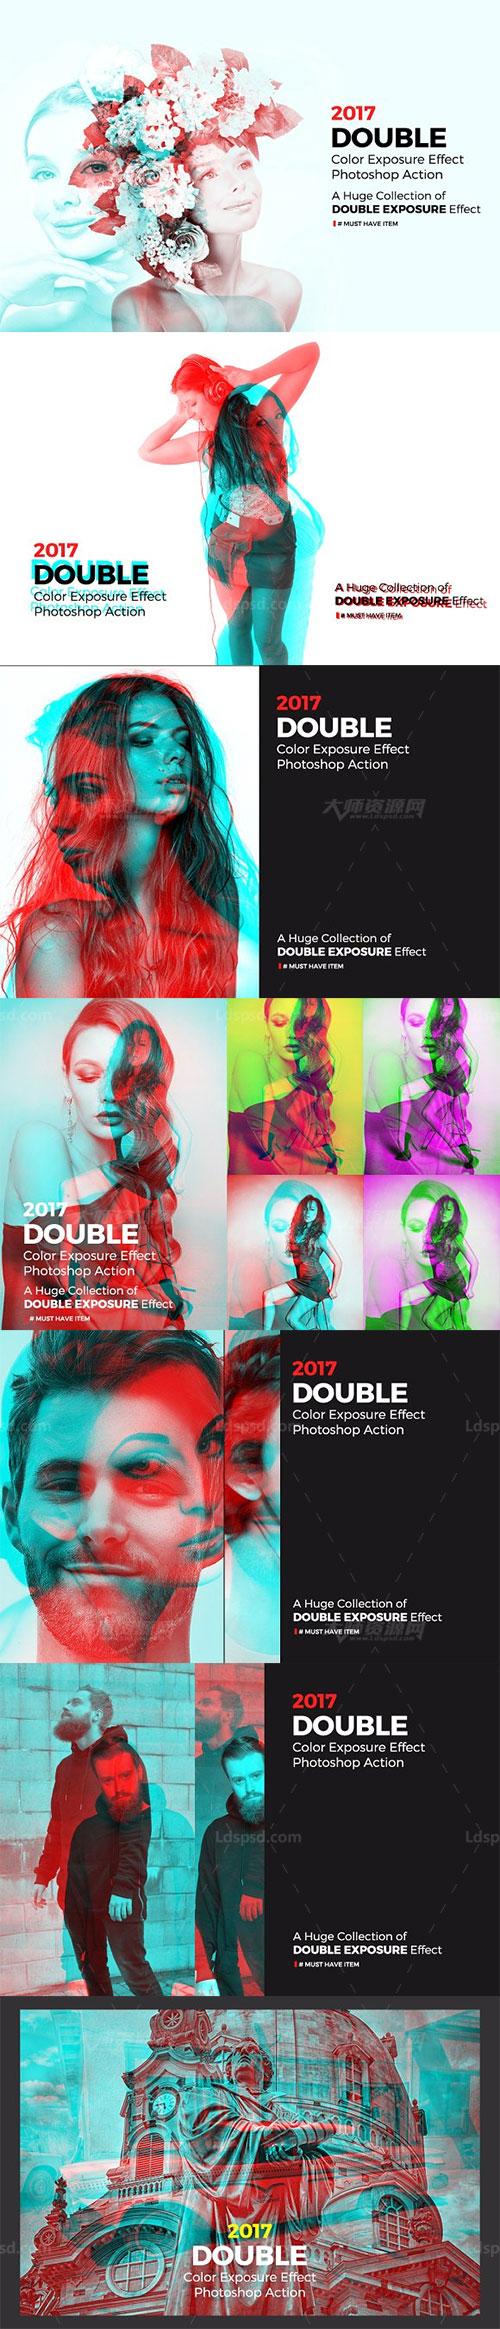 极品PS动作-双色曝光(含图文教程):Double Color Exposure Action